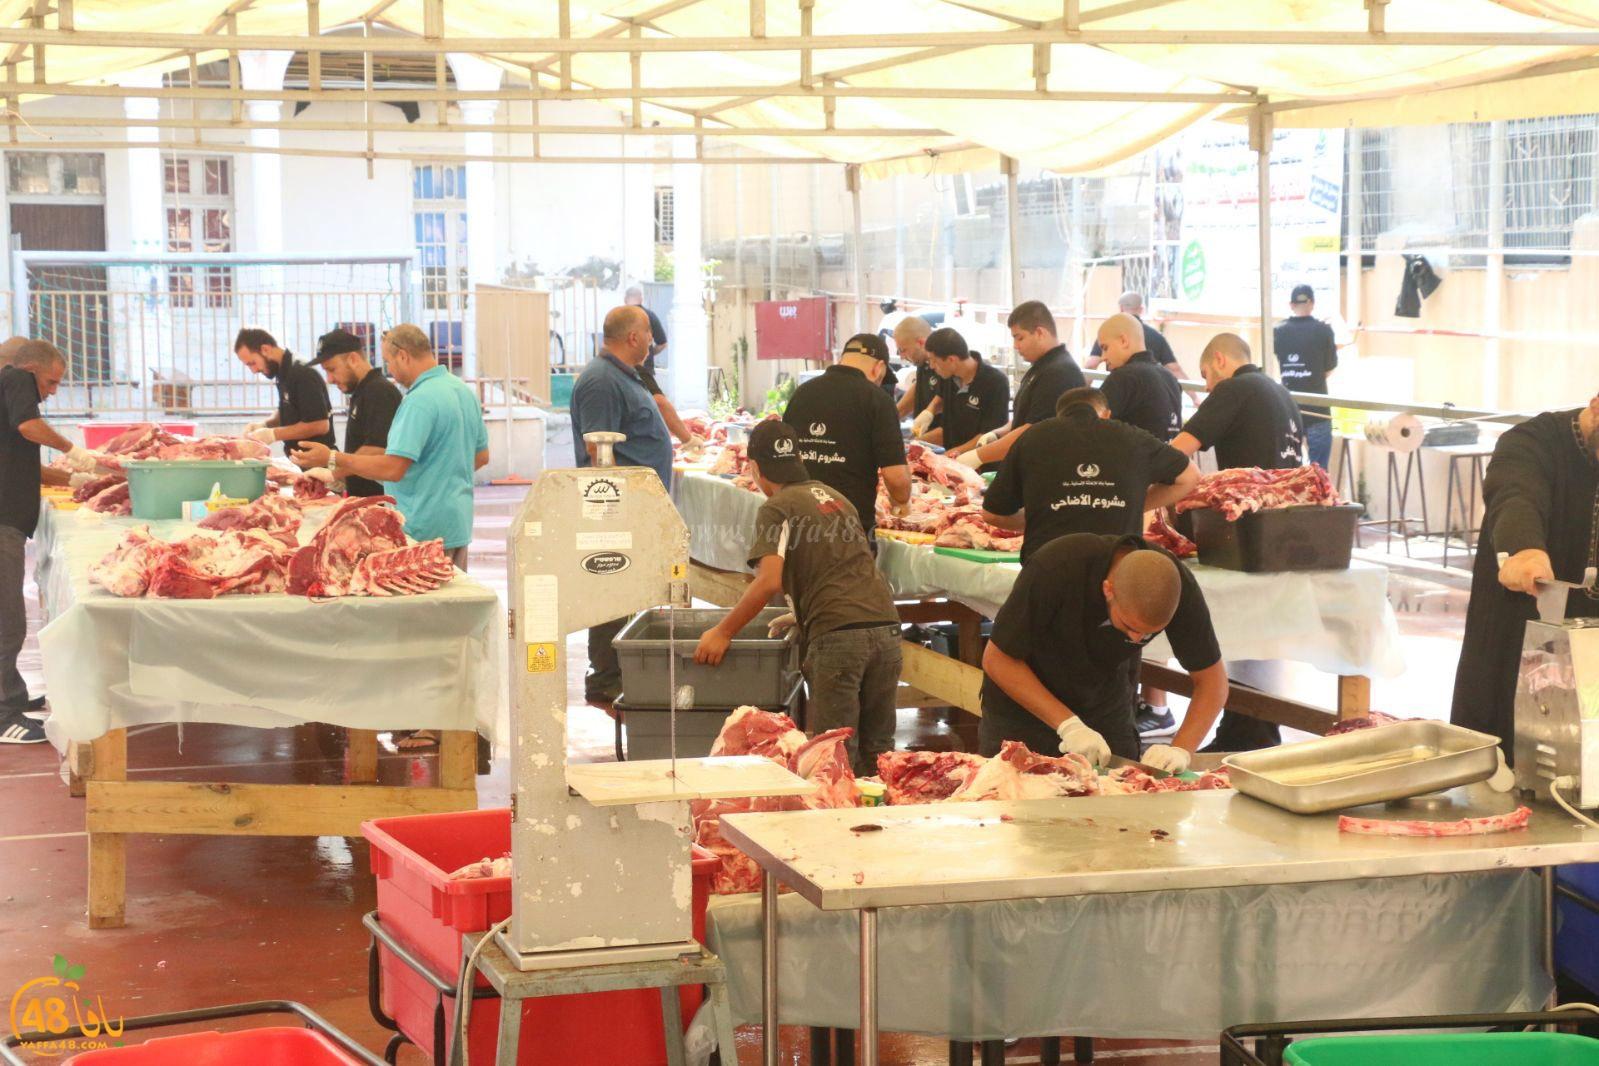 جمعية يافا  1450 شيكل قيمة الاشتراك بعجل في مشروع الاضاحي لهذا العام